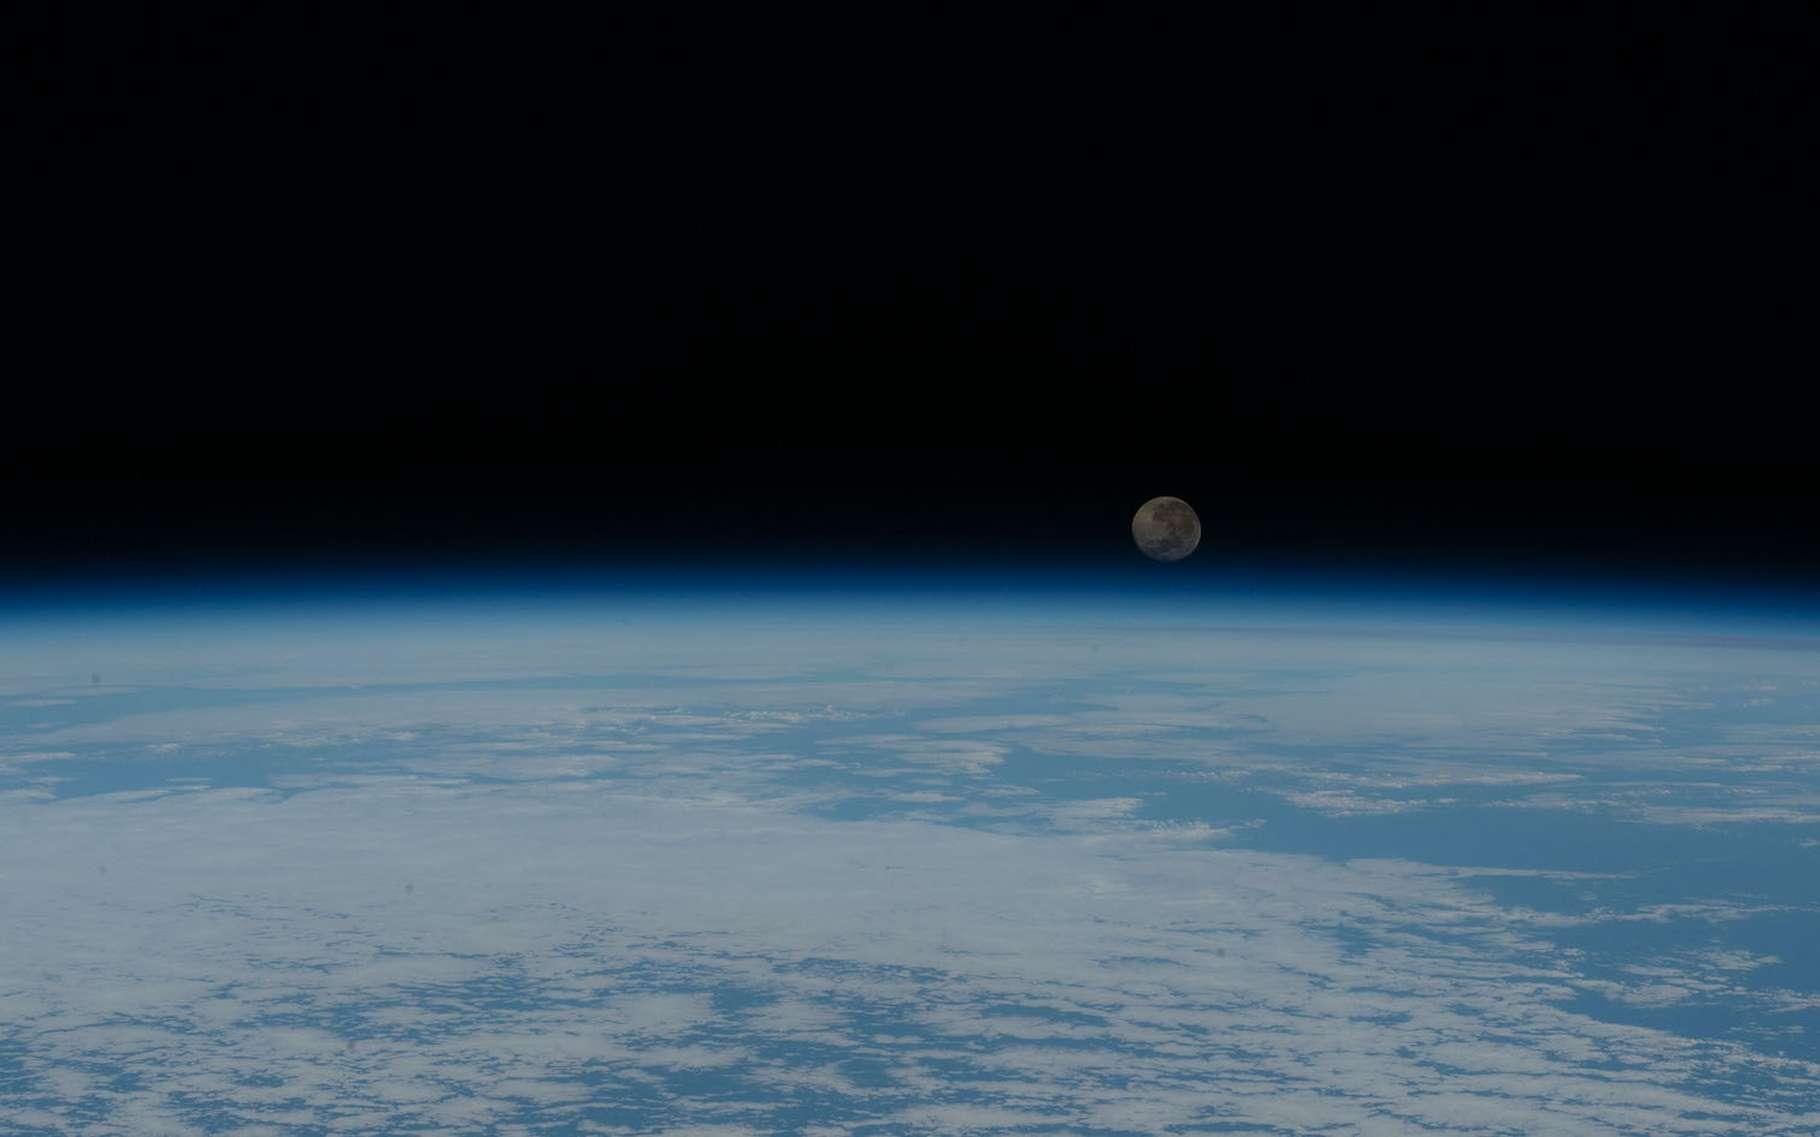 Cette photo d'un lever de Lune au-dessus de l'océan Atlantique est parmi les plus belles prises depuis la Station spatiale internationale (ISS) en 2020. © Nasa